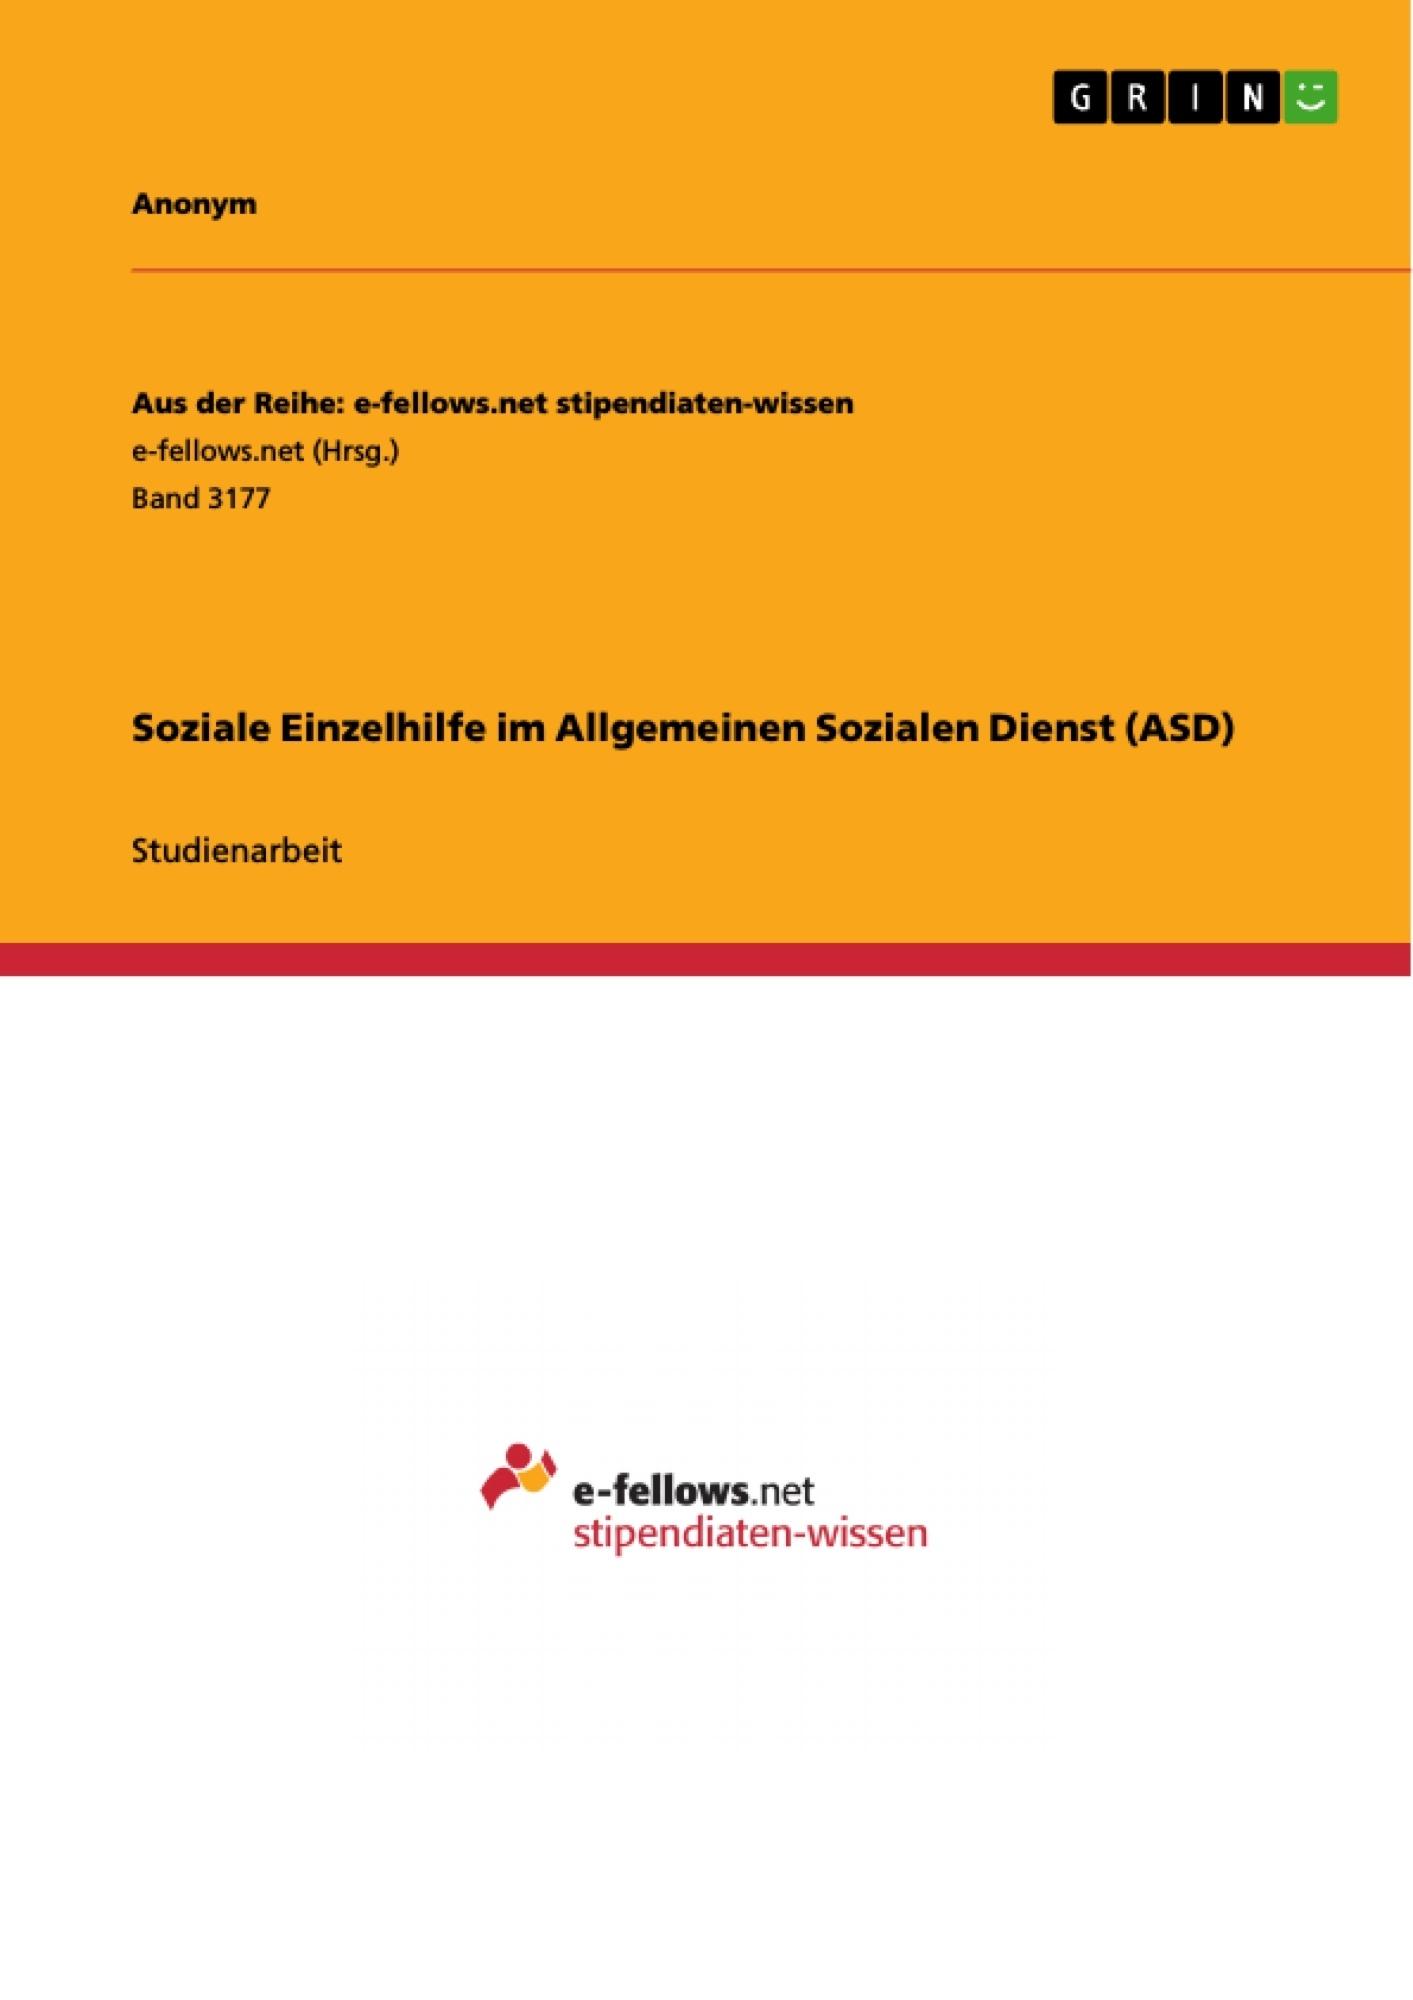 Titel: Soziale Einzelhilfe im Allgemeinen Sozialen Dienst (ASD)